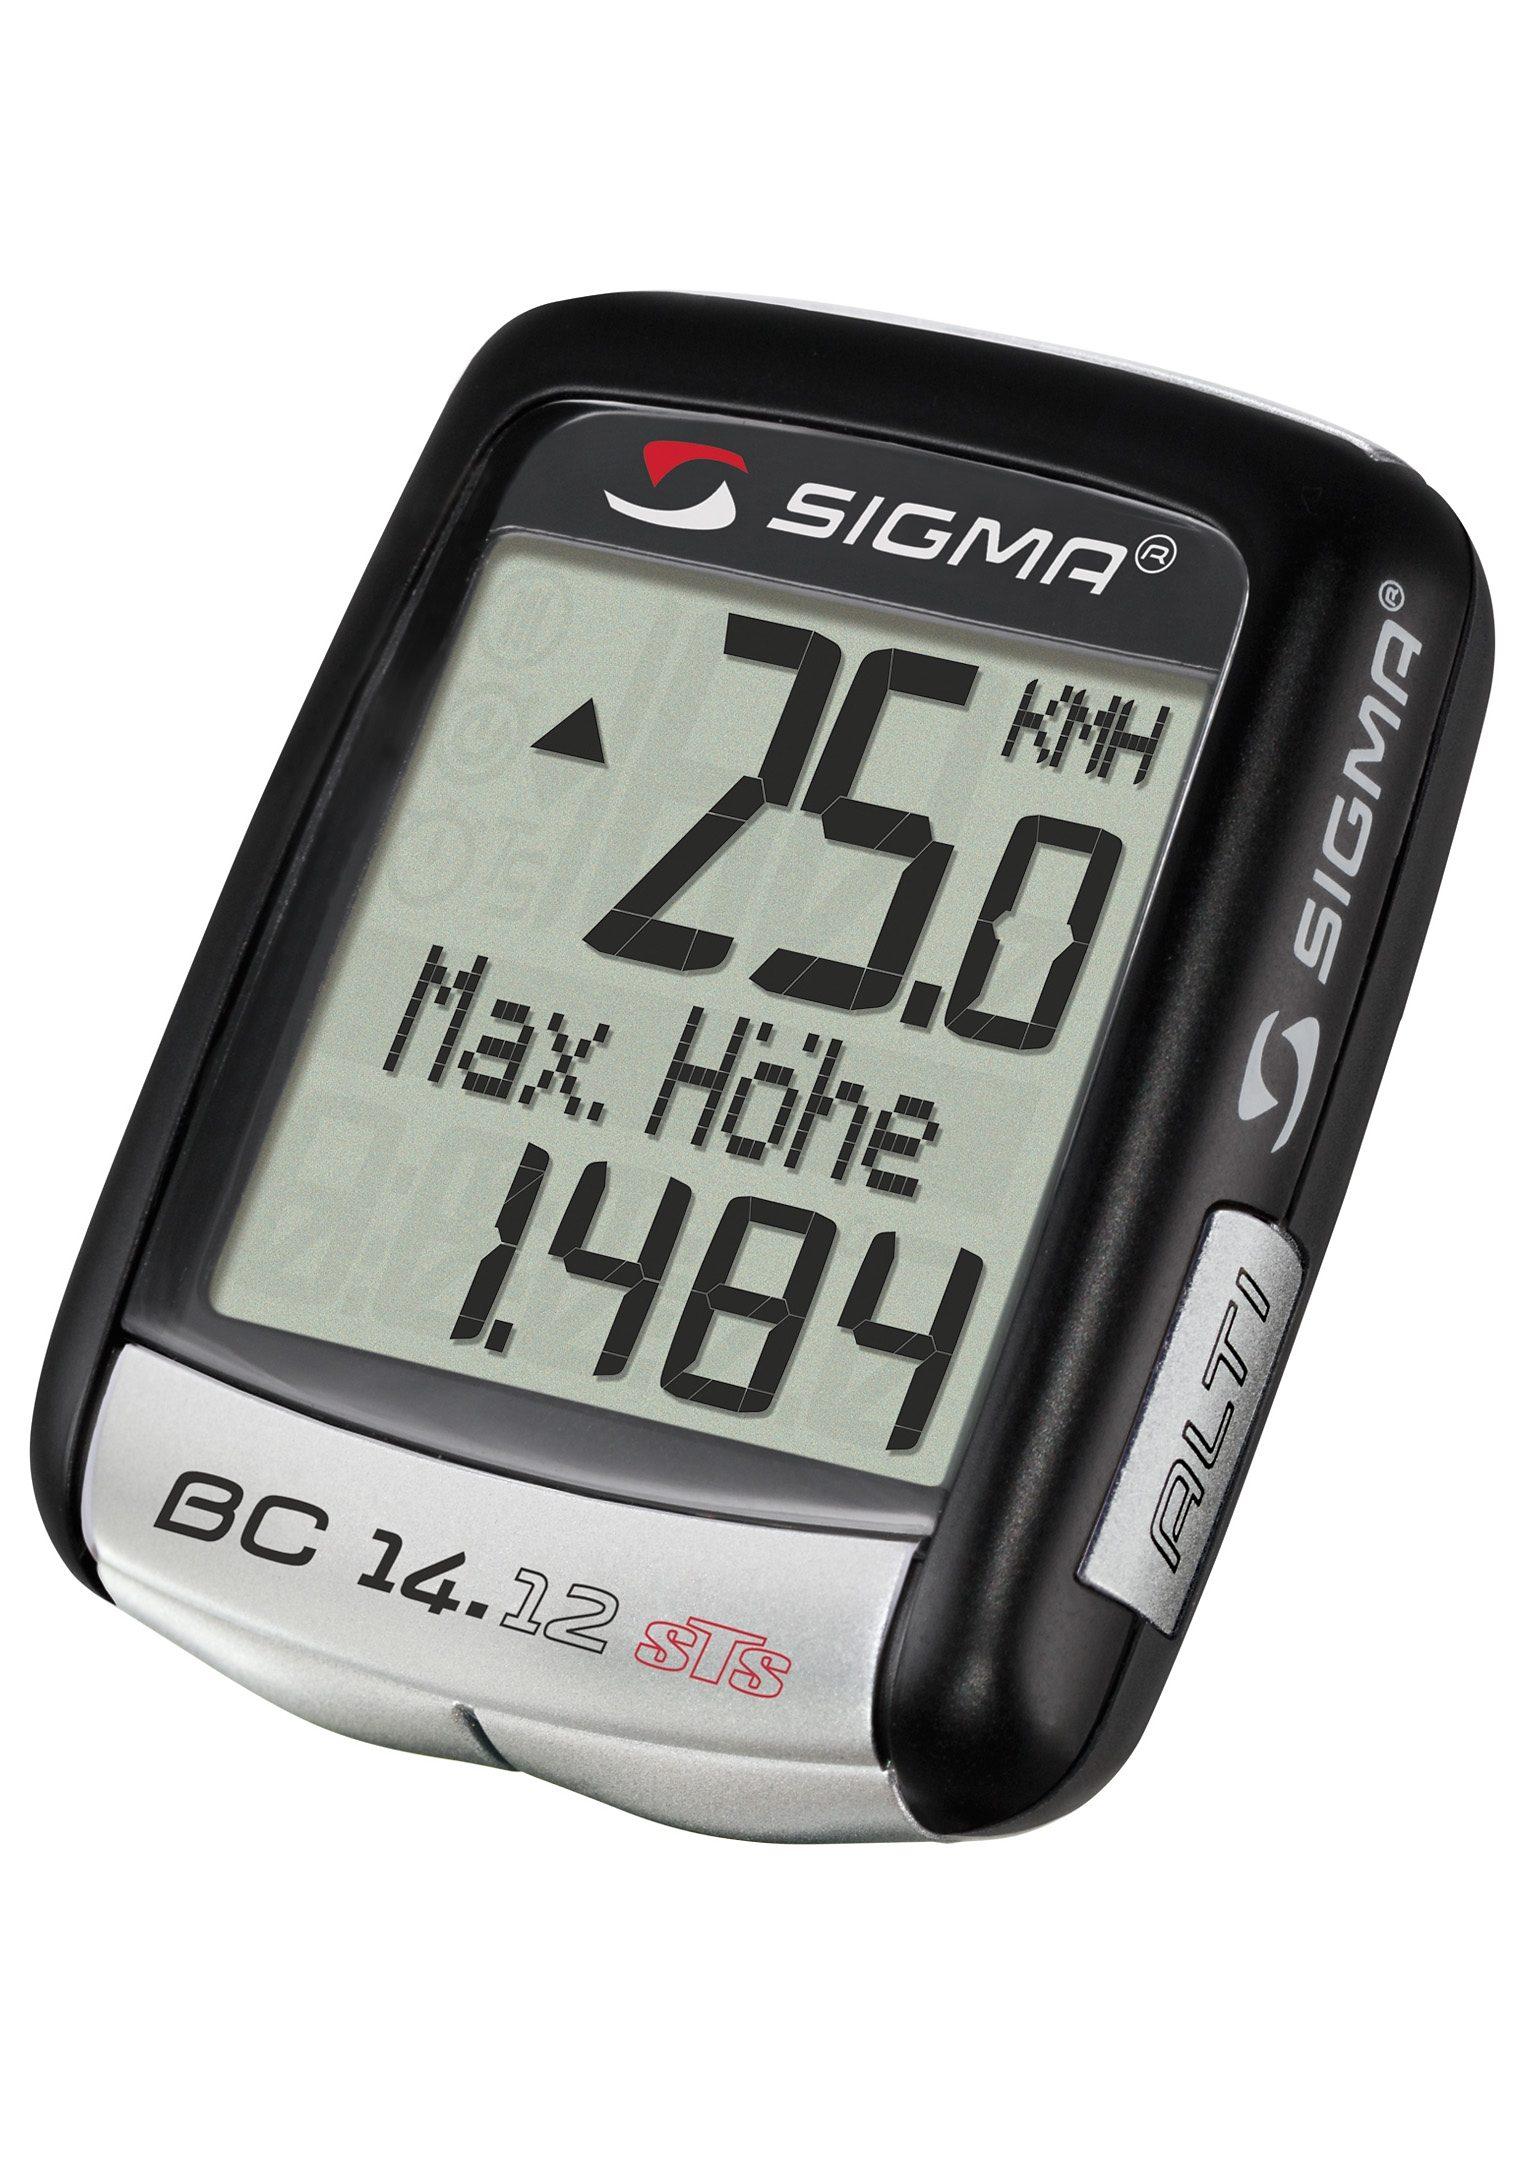 Sigma Sport Fahrradcomputer, kabellos, schwarz, »Topline 2012 BC 14.12 STS ALTI«